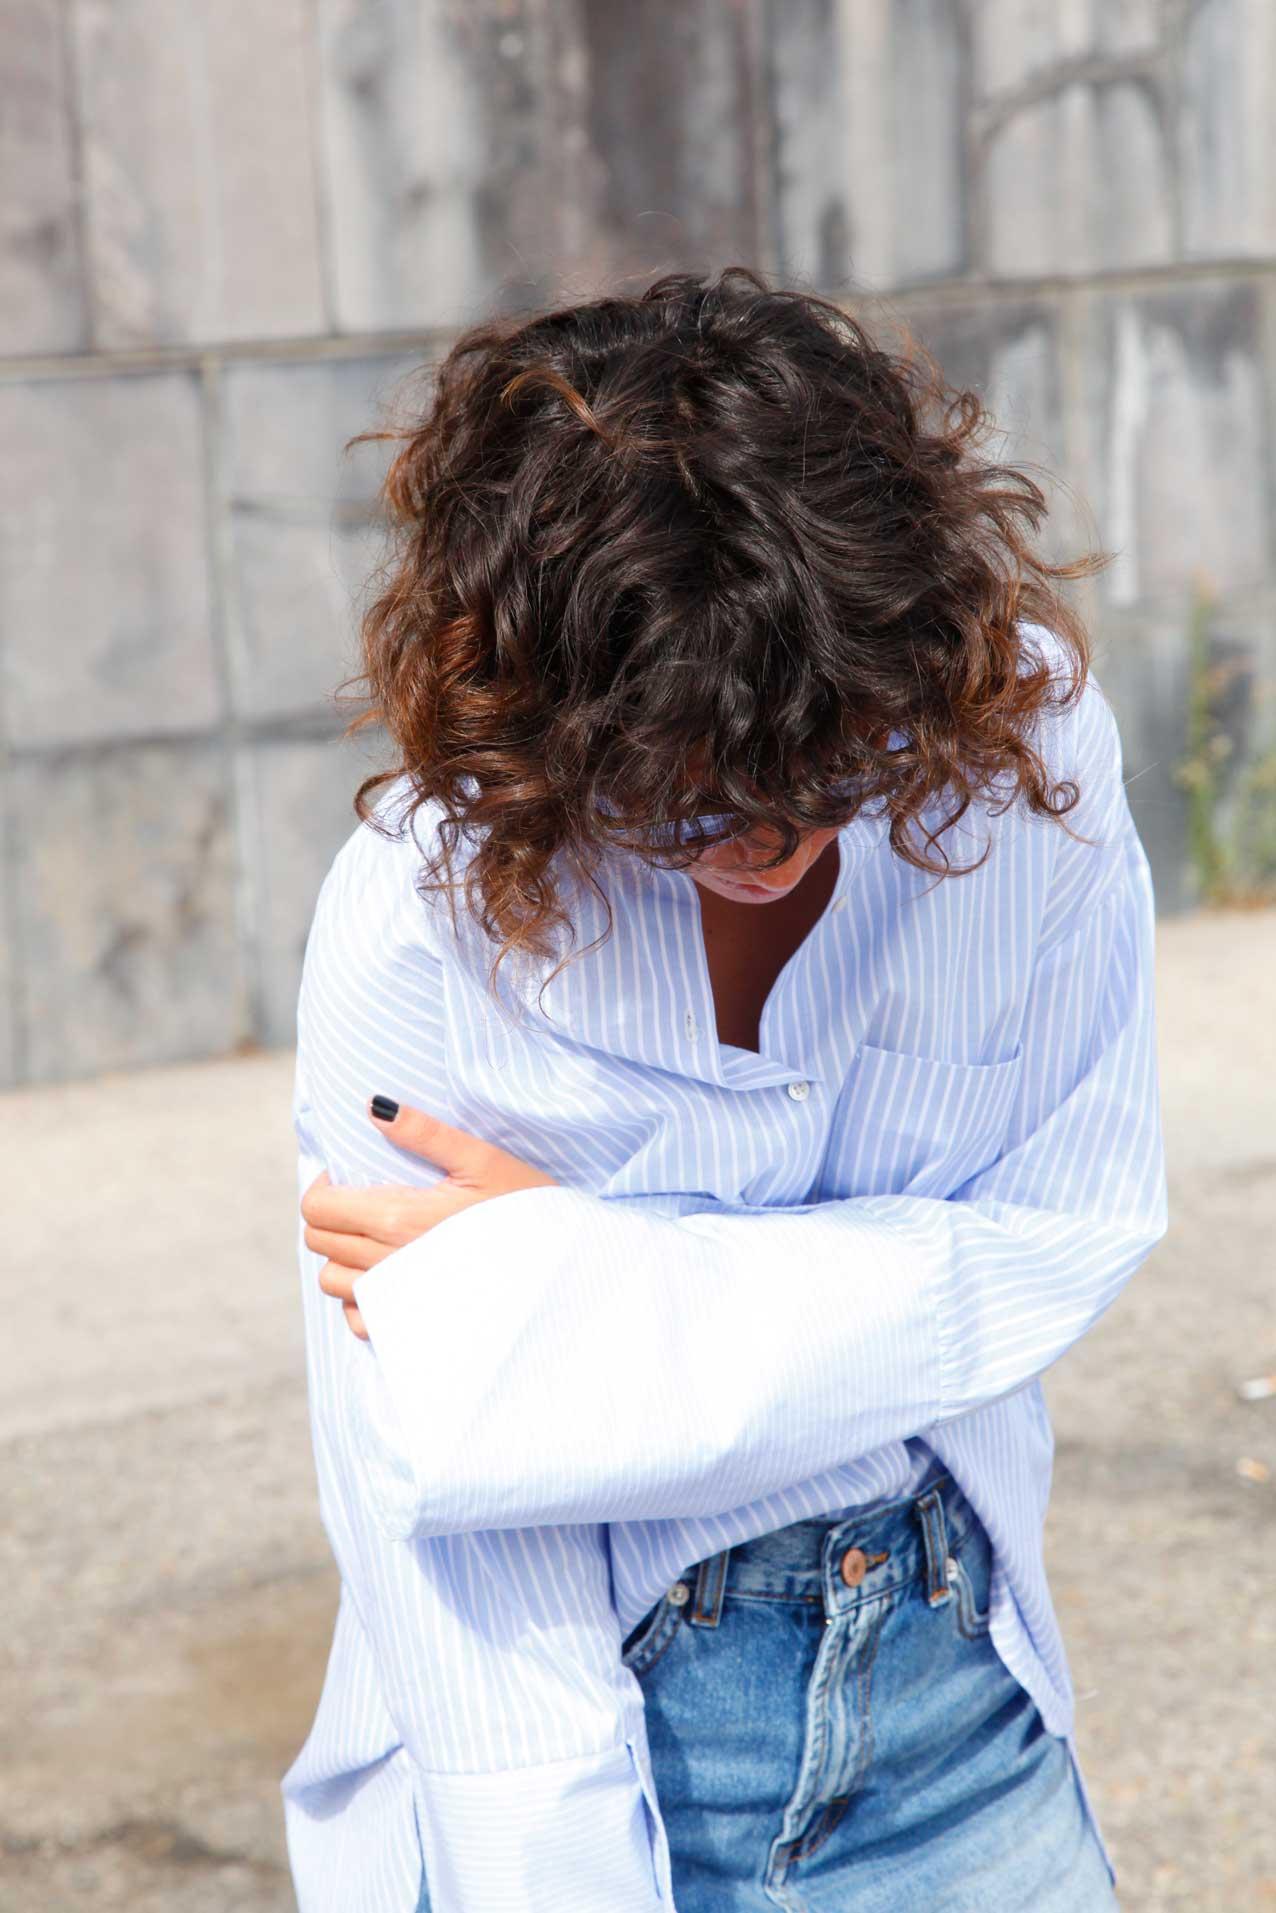 denim_skirt_new_oversize_shirt-streetstyle-cool_lemonade-aw16-jpg5